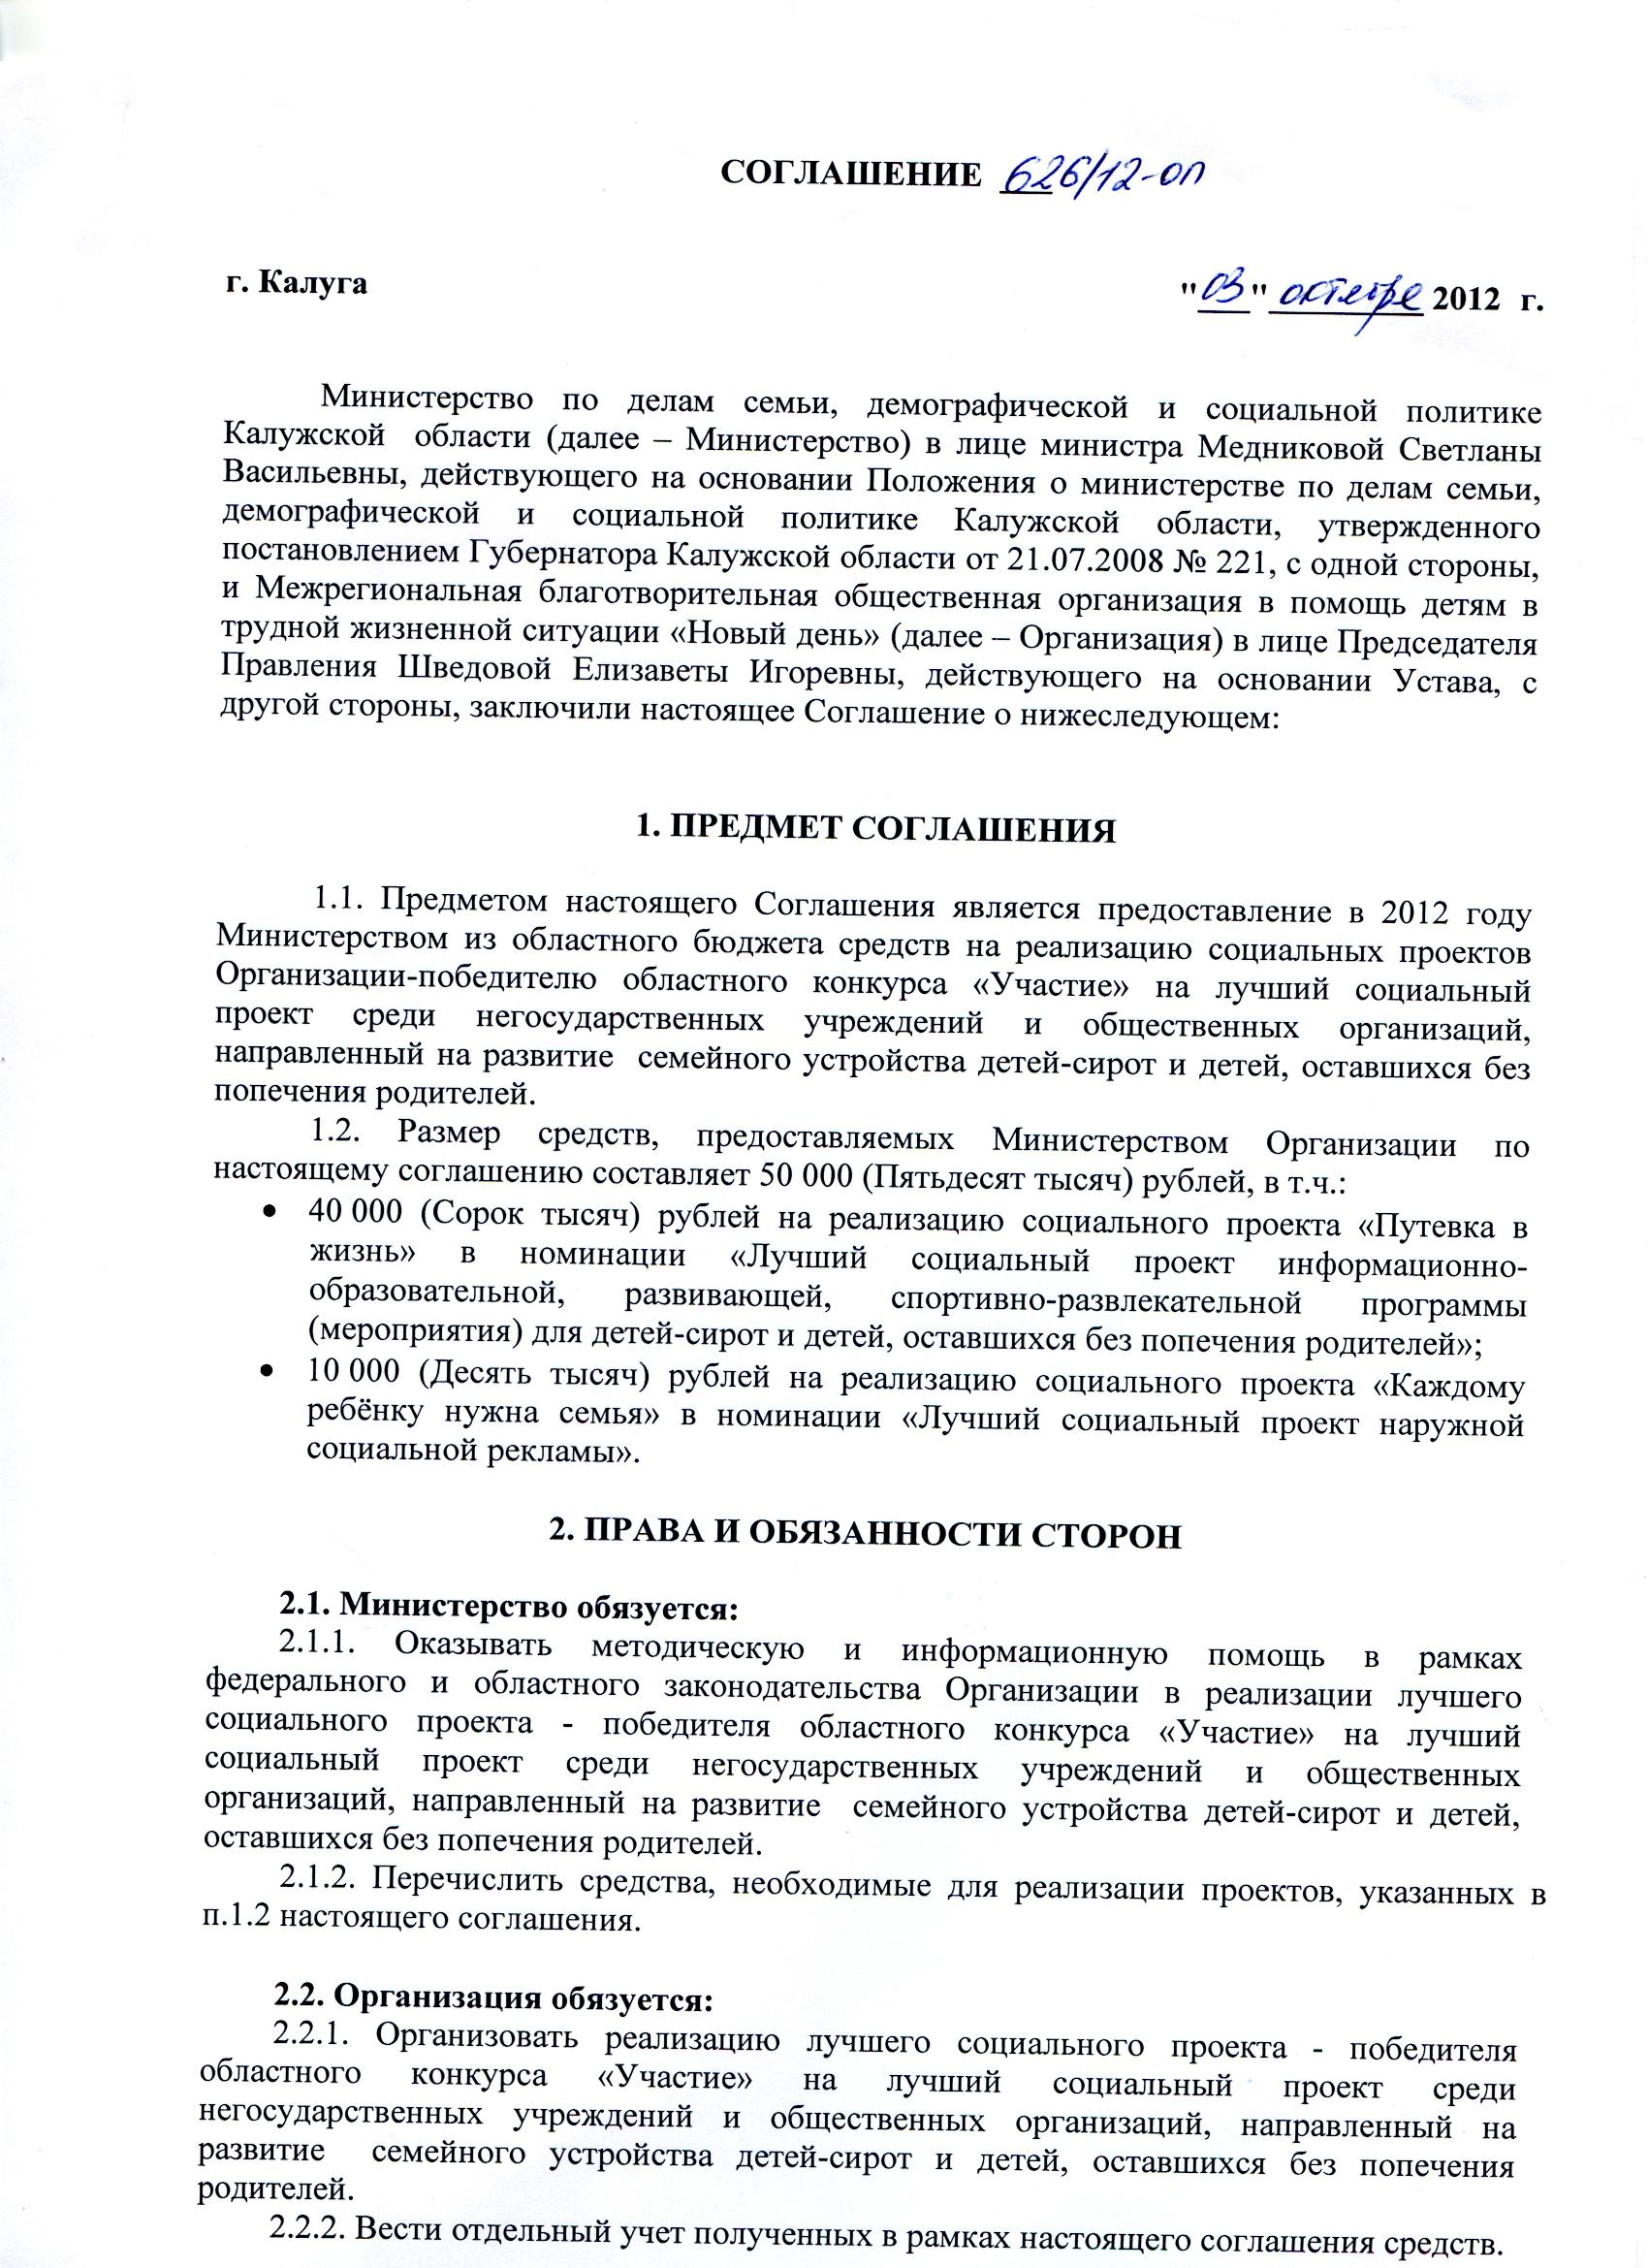 Соглашение Конкурс Участие 2012586